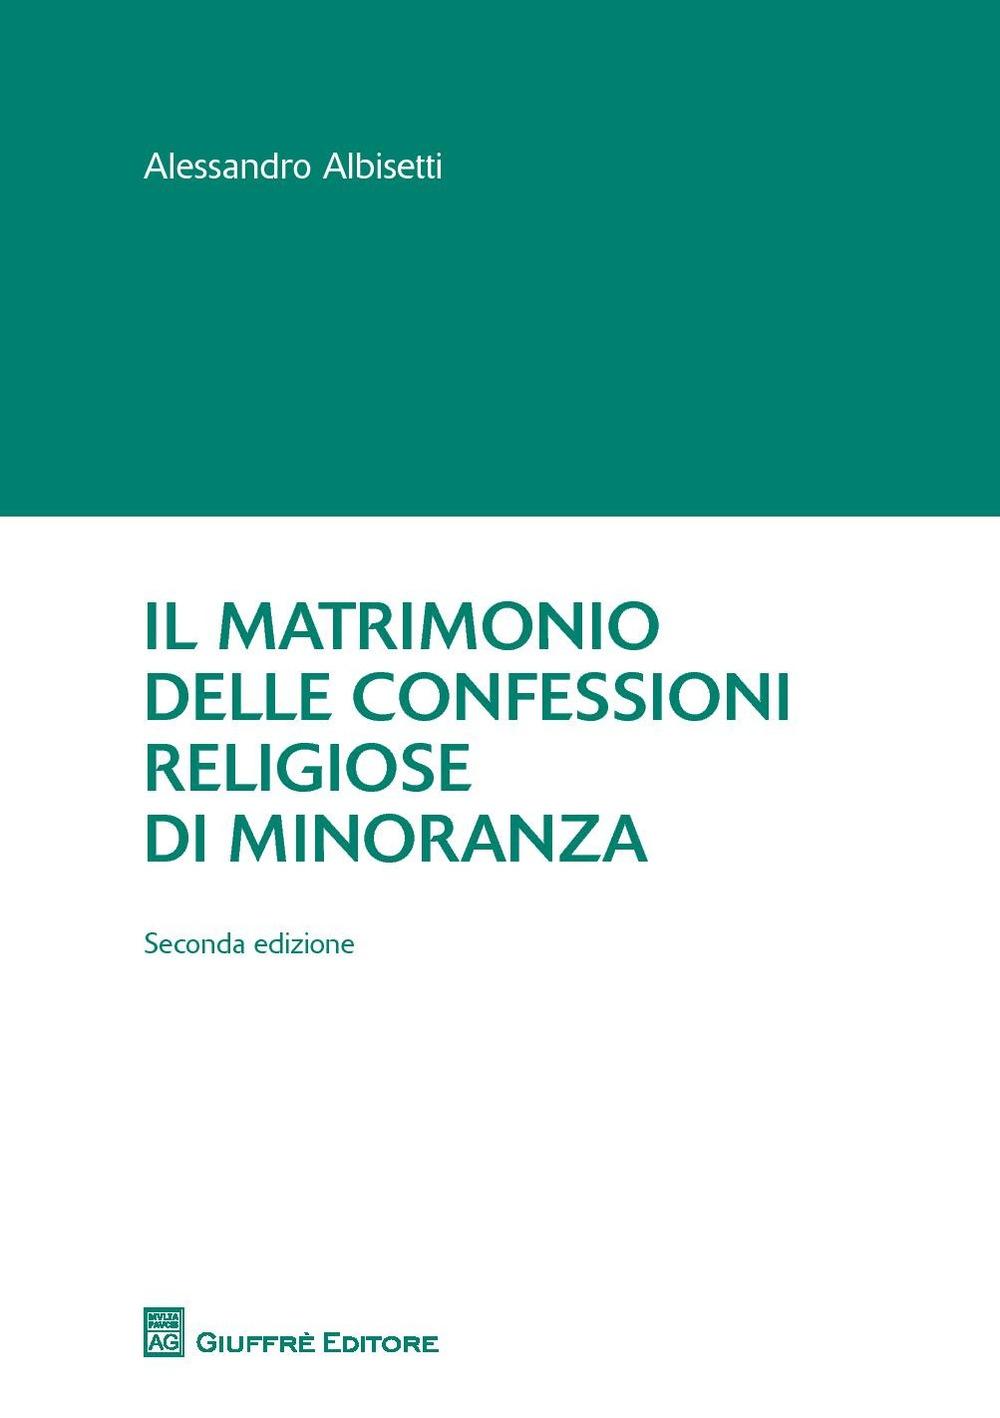 Il matrimonio delle confessioni religiose di minoranza